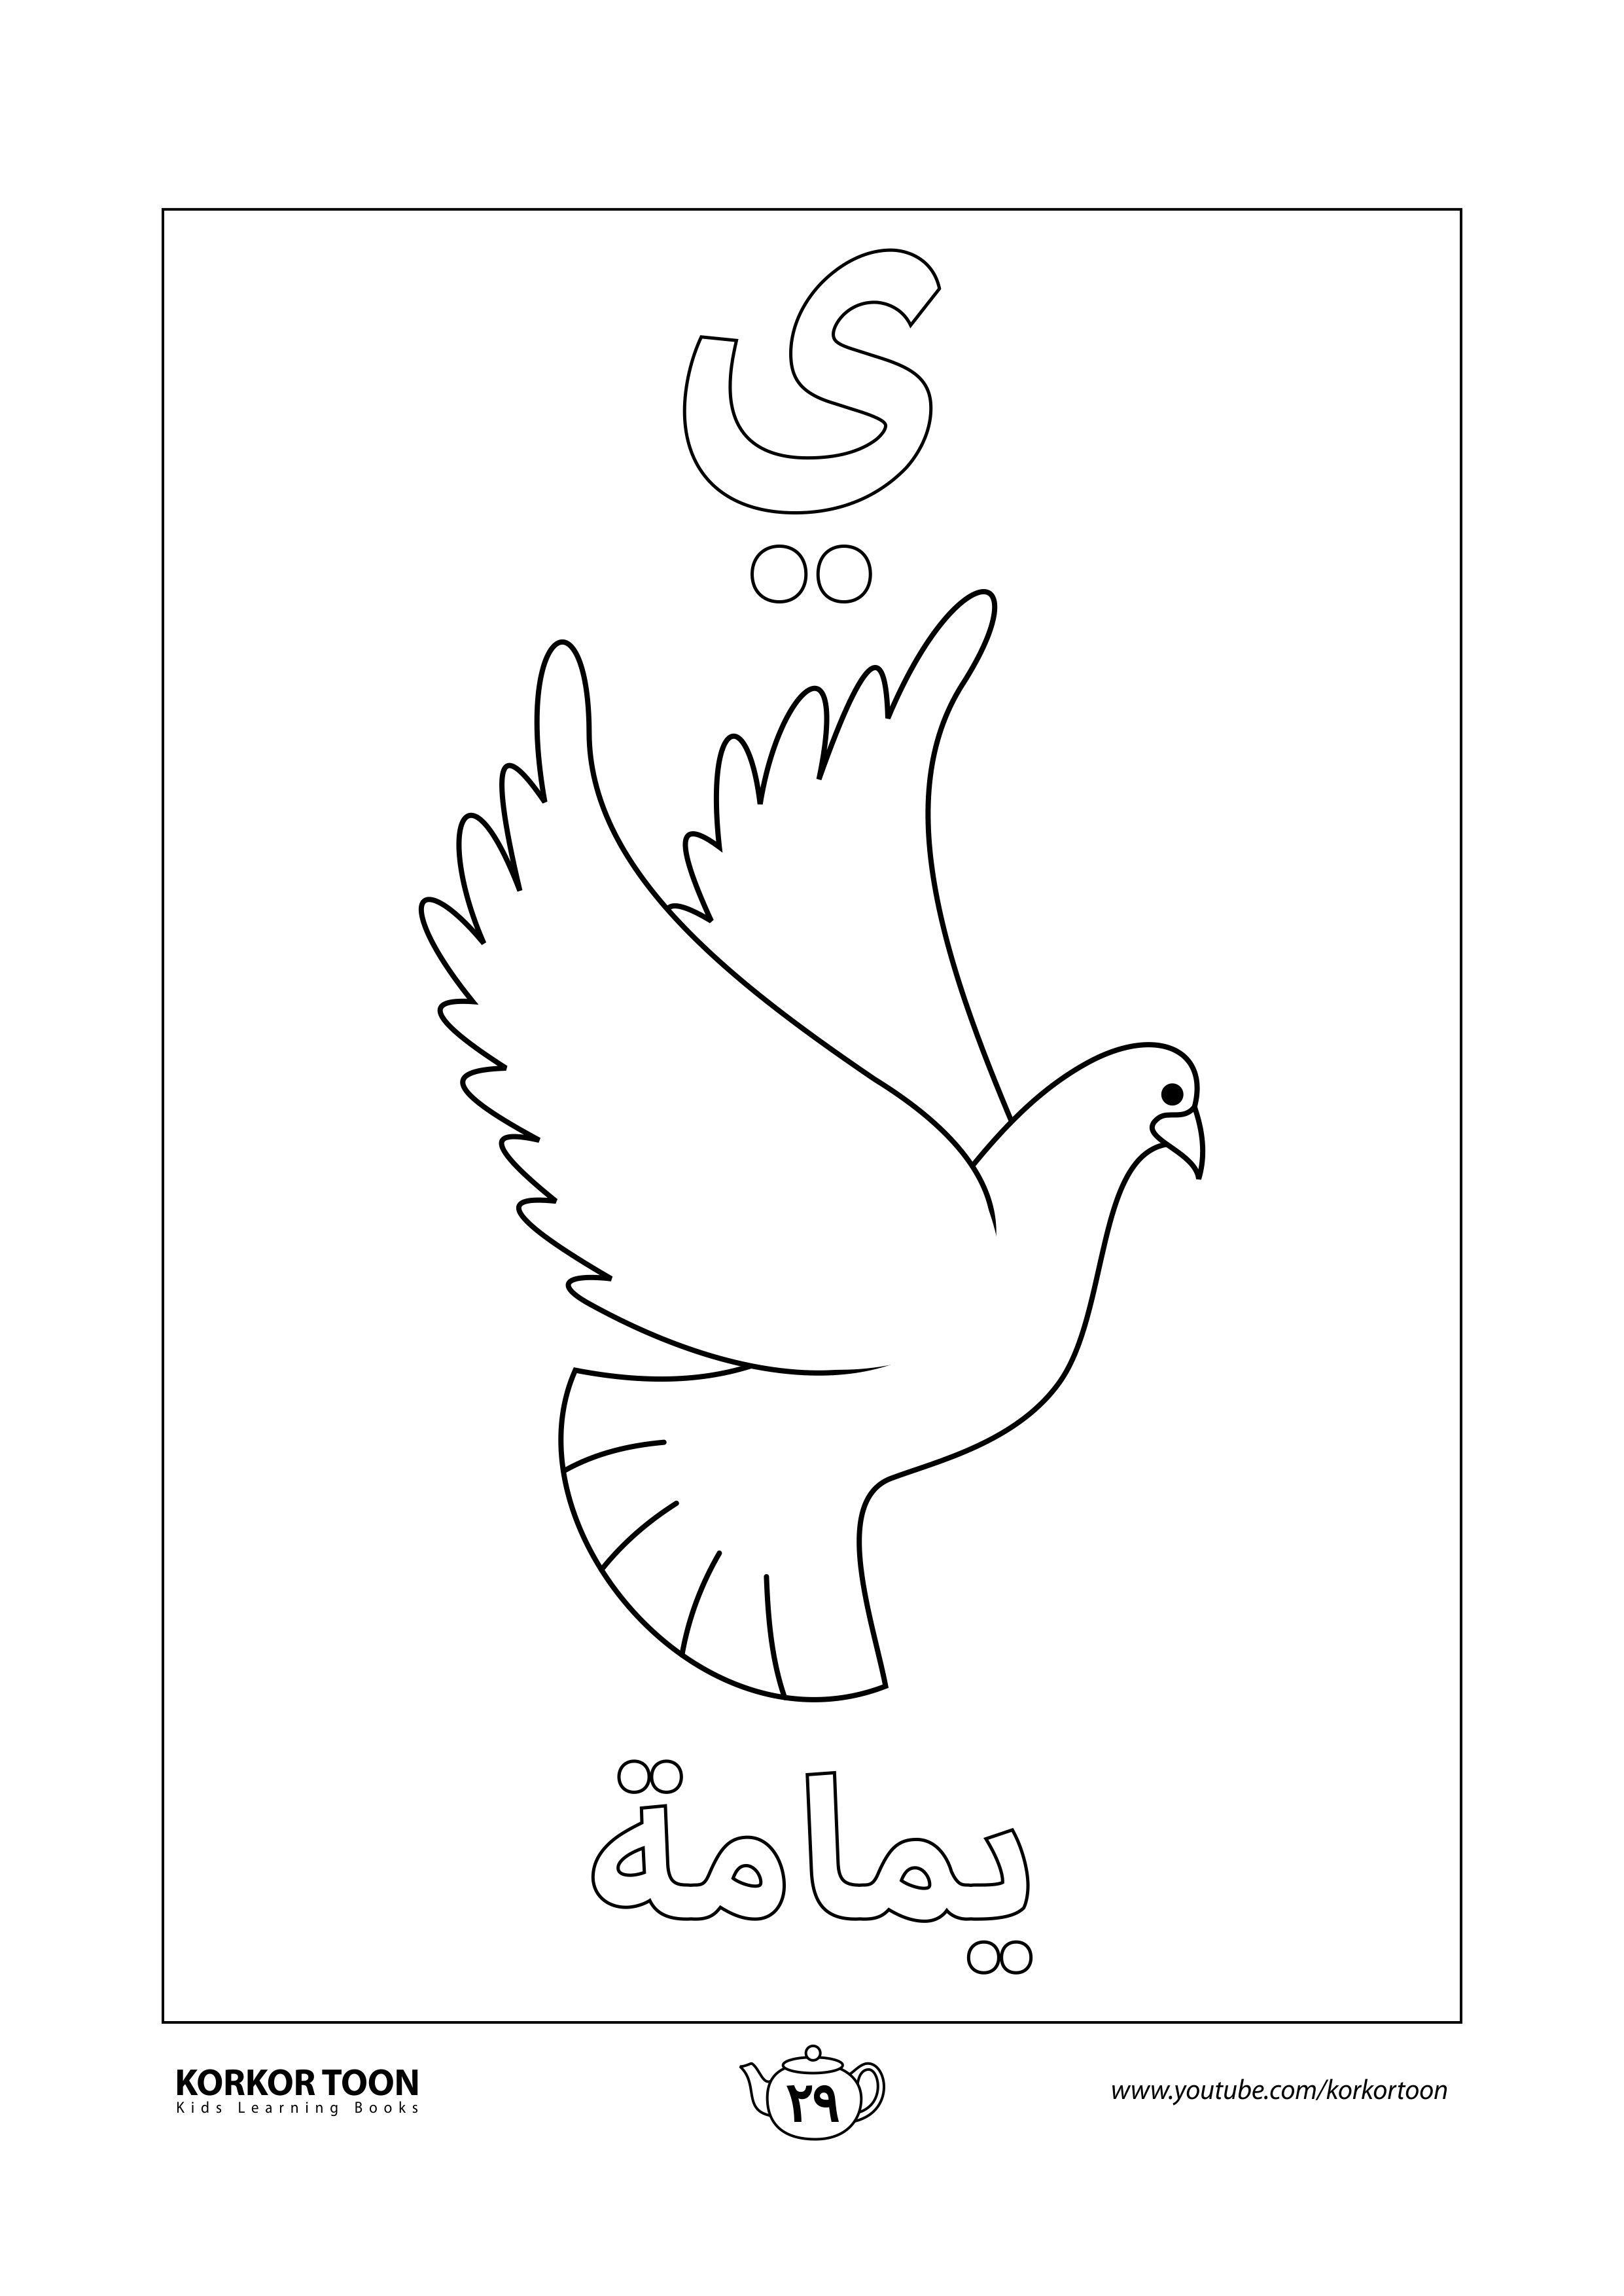 صفحة تلوين حرف الياء كتاب تلوين الحروف العربية للأطفال Learning Arabic Crafts Ebooks